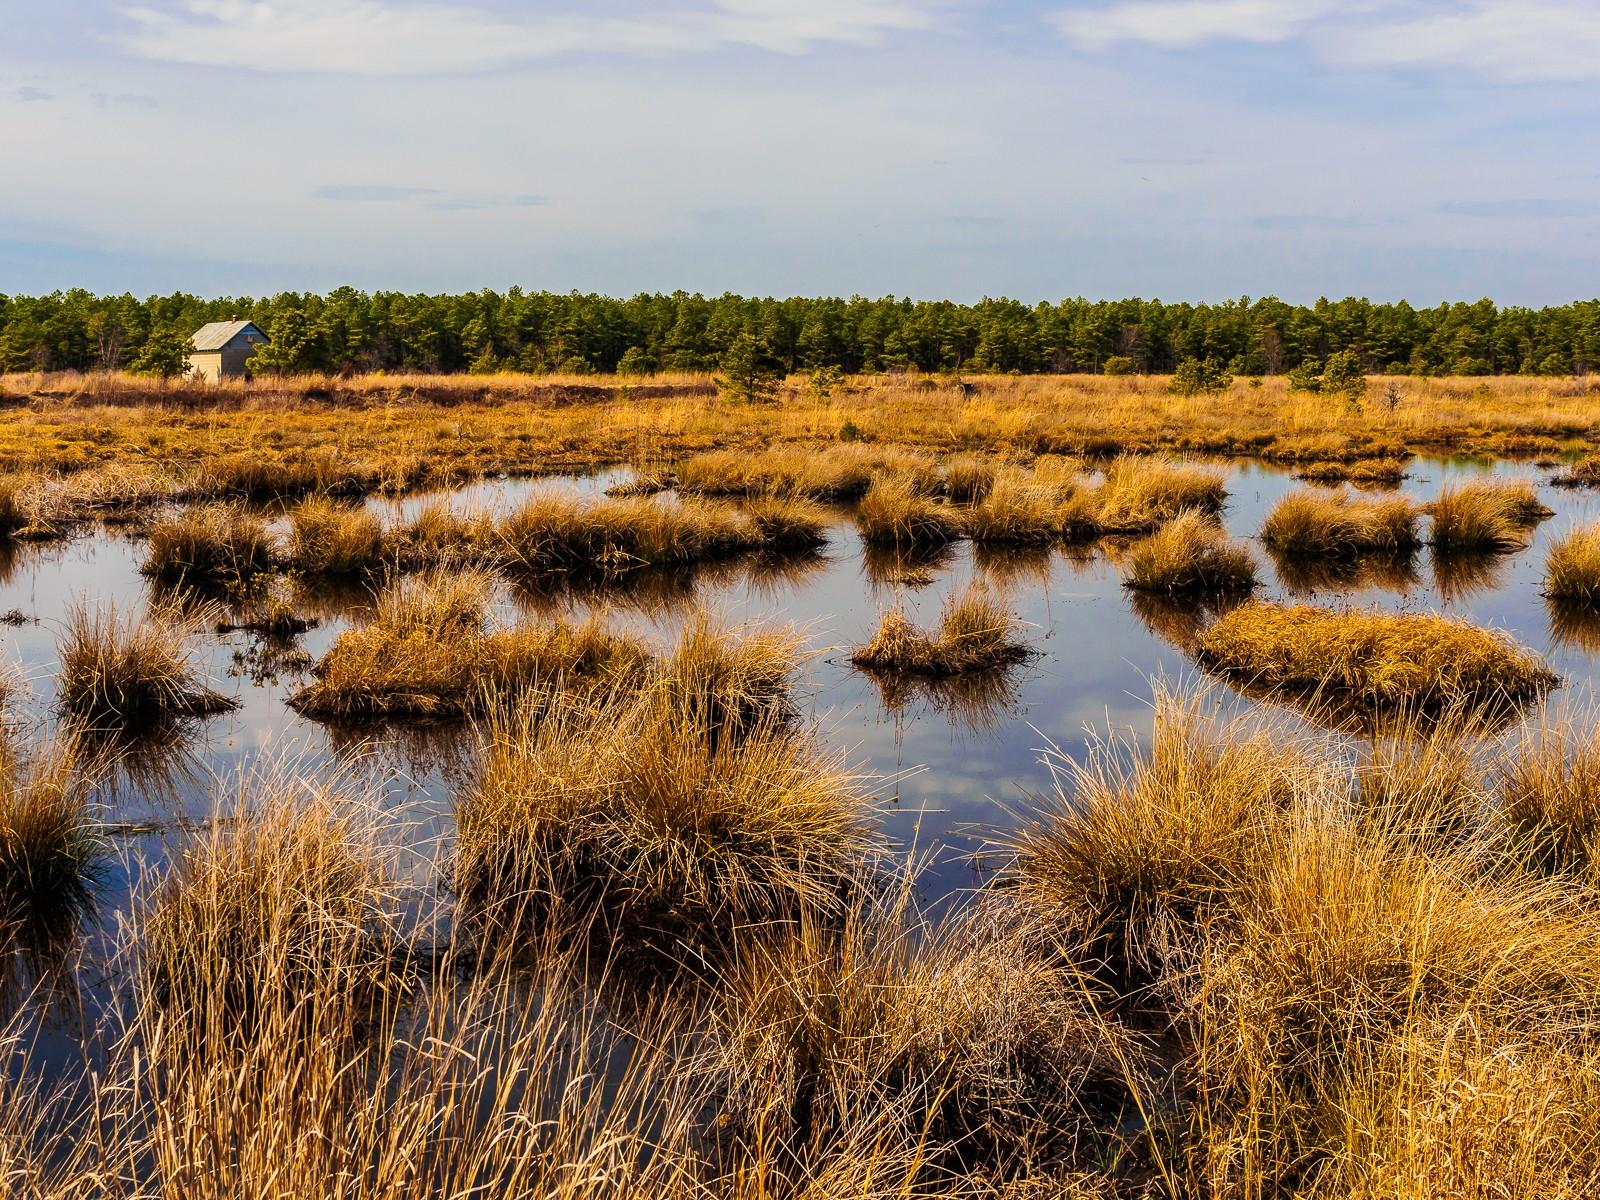 franklin-parker-landscape-3080024